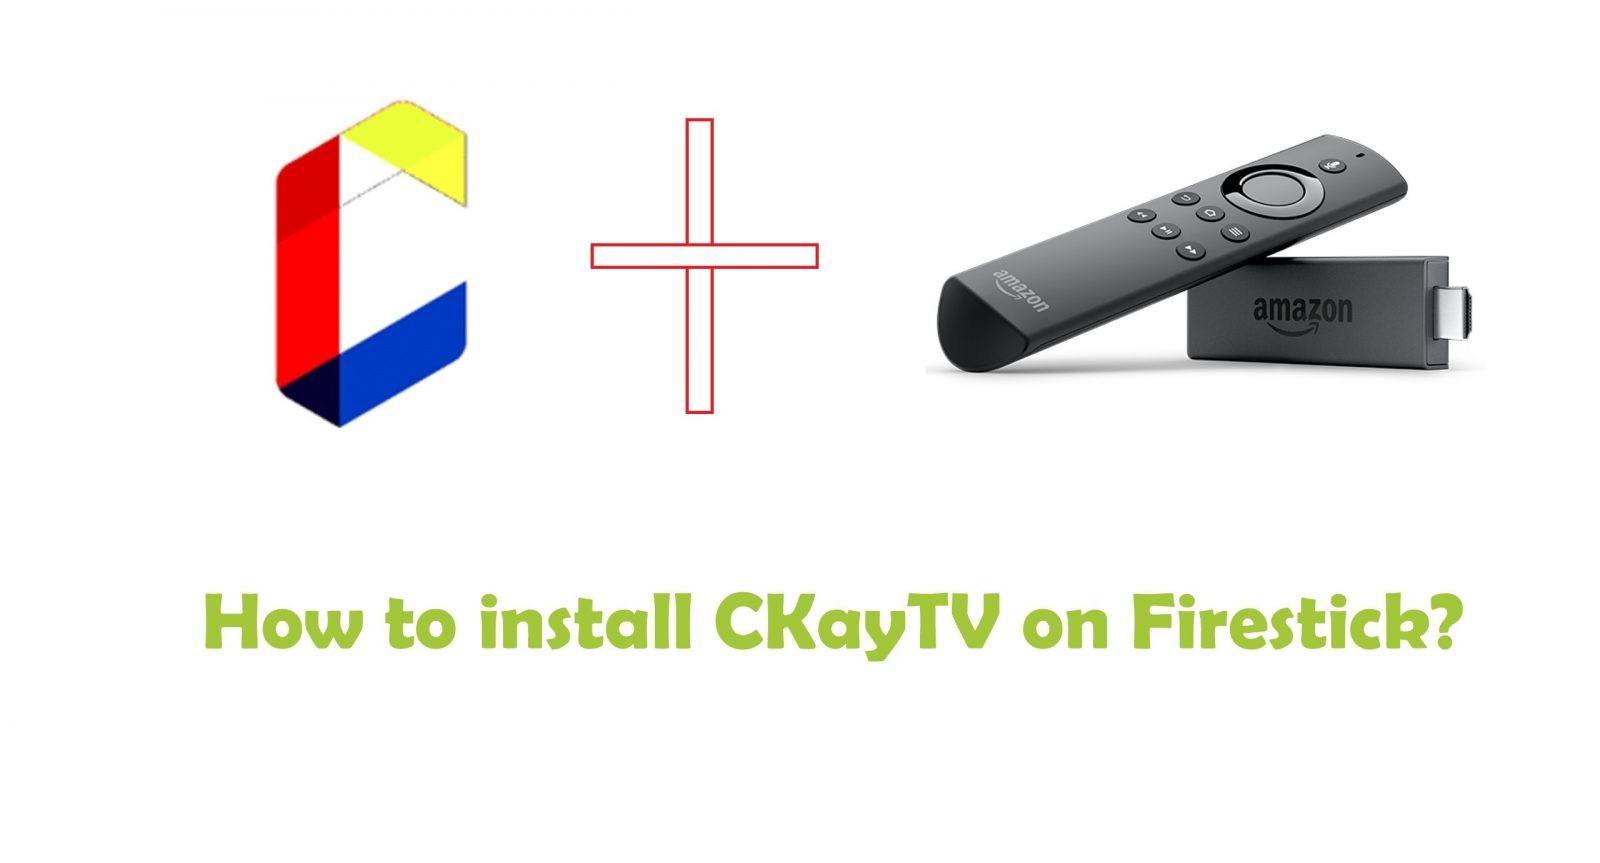 CkayTV for firestick